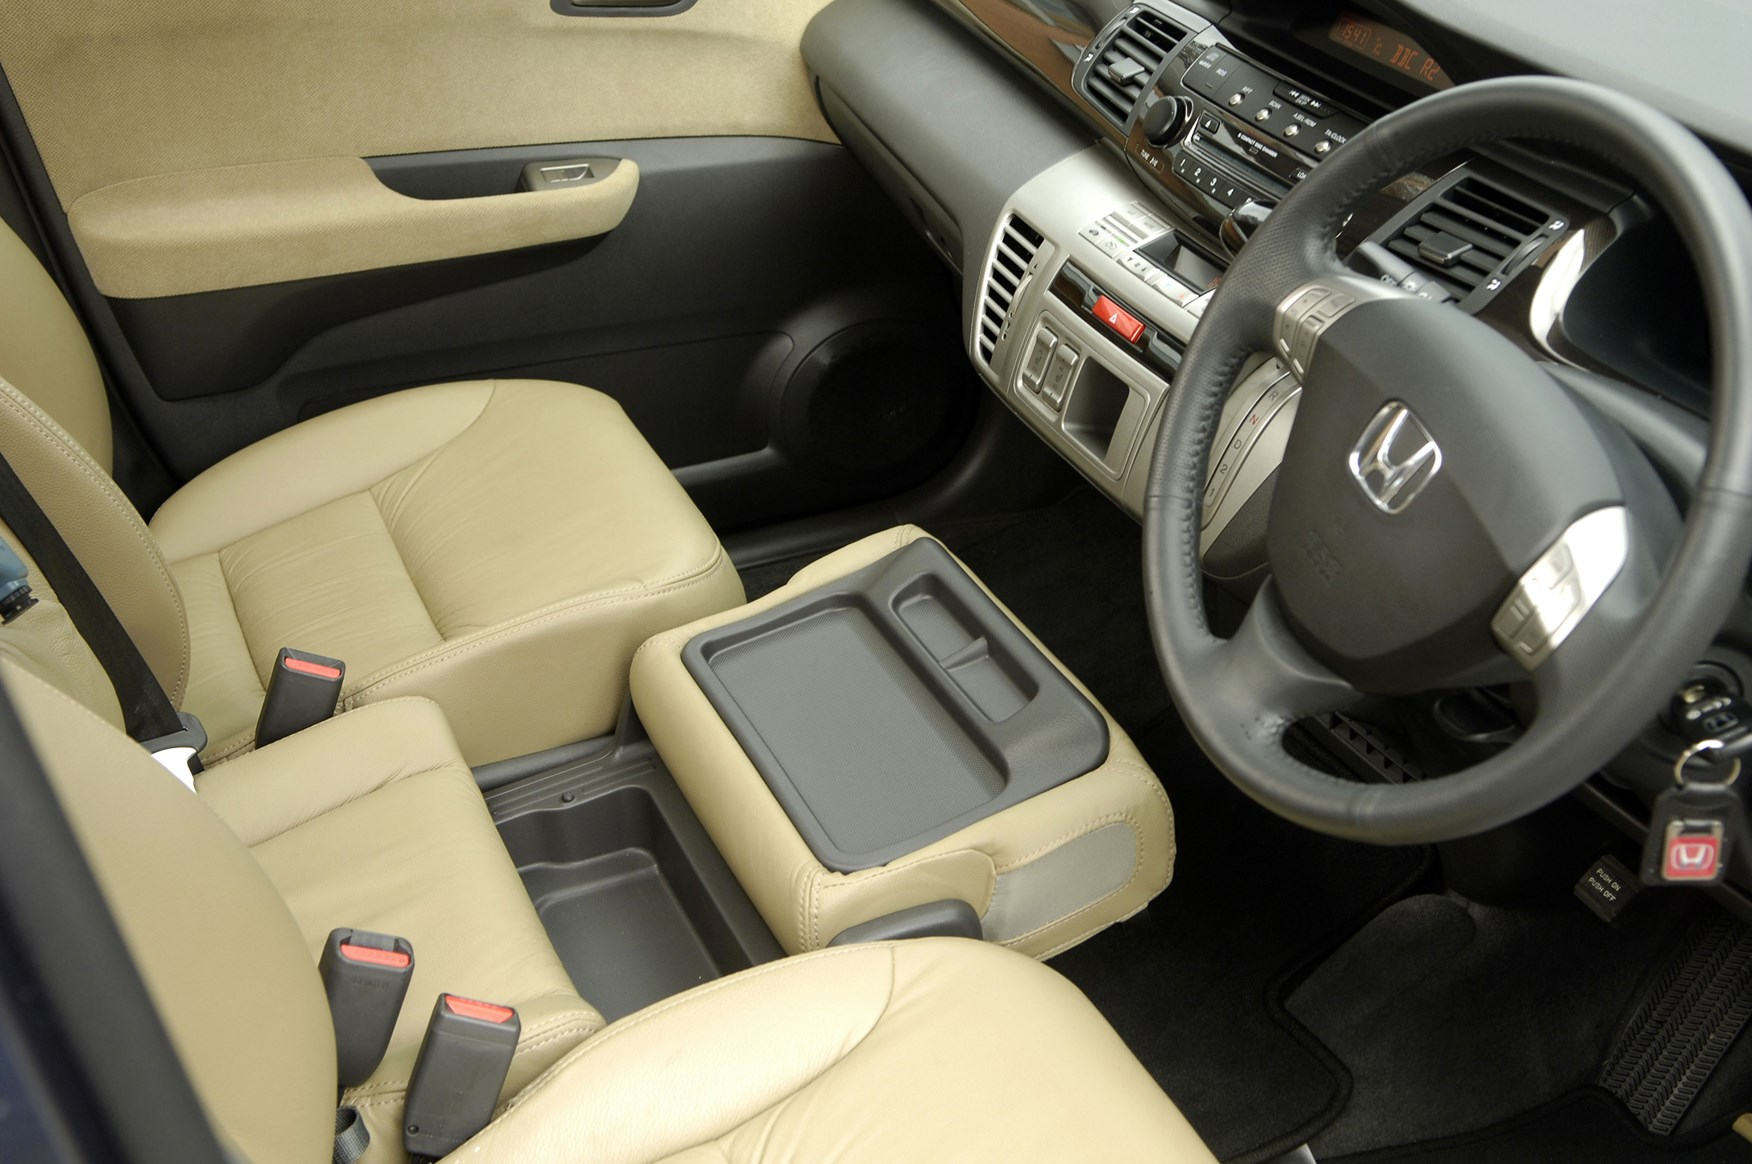 Honda Fr V Hatchback Review 2004 2009 Parkers